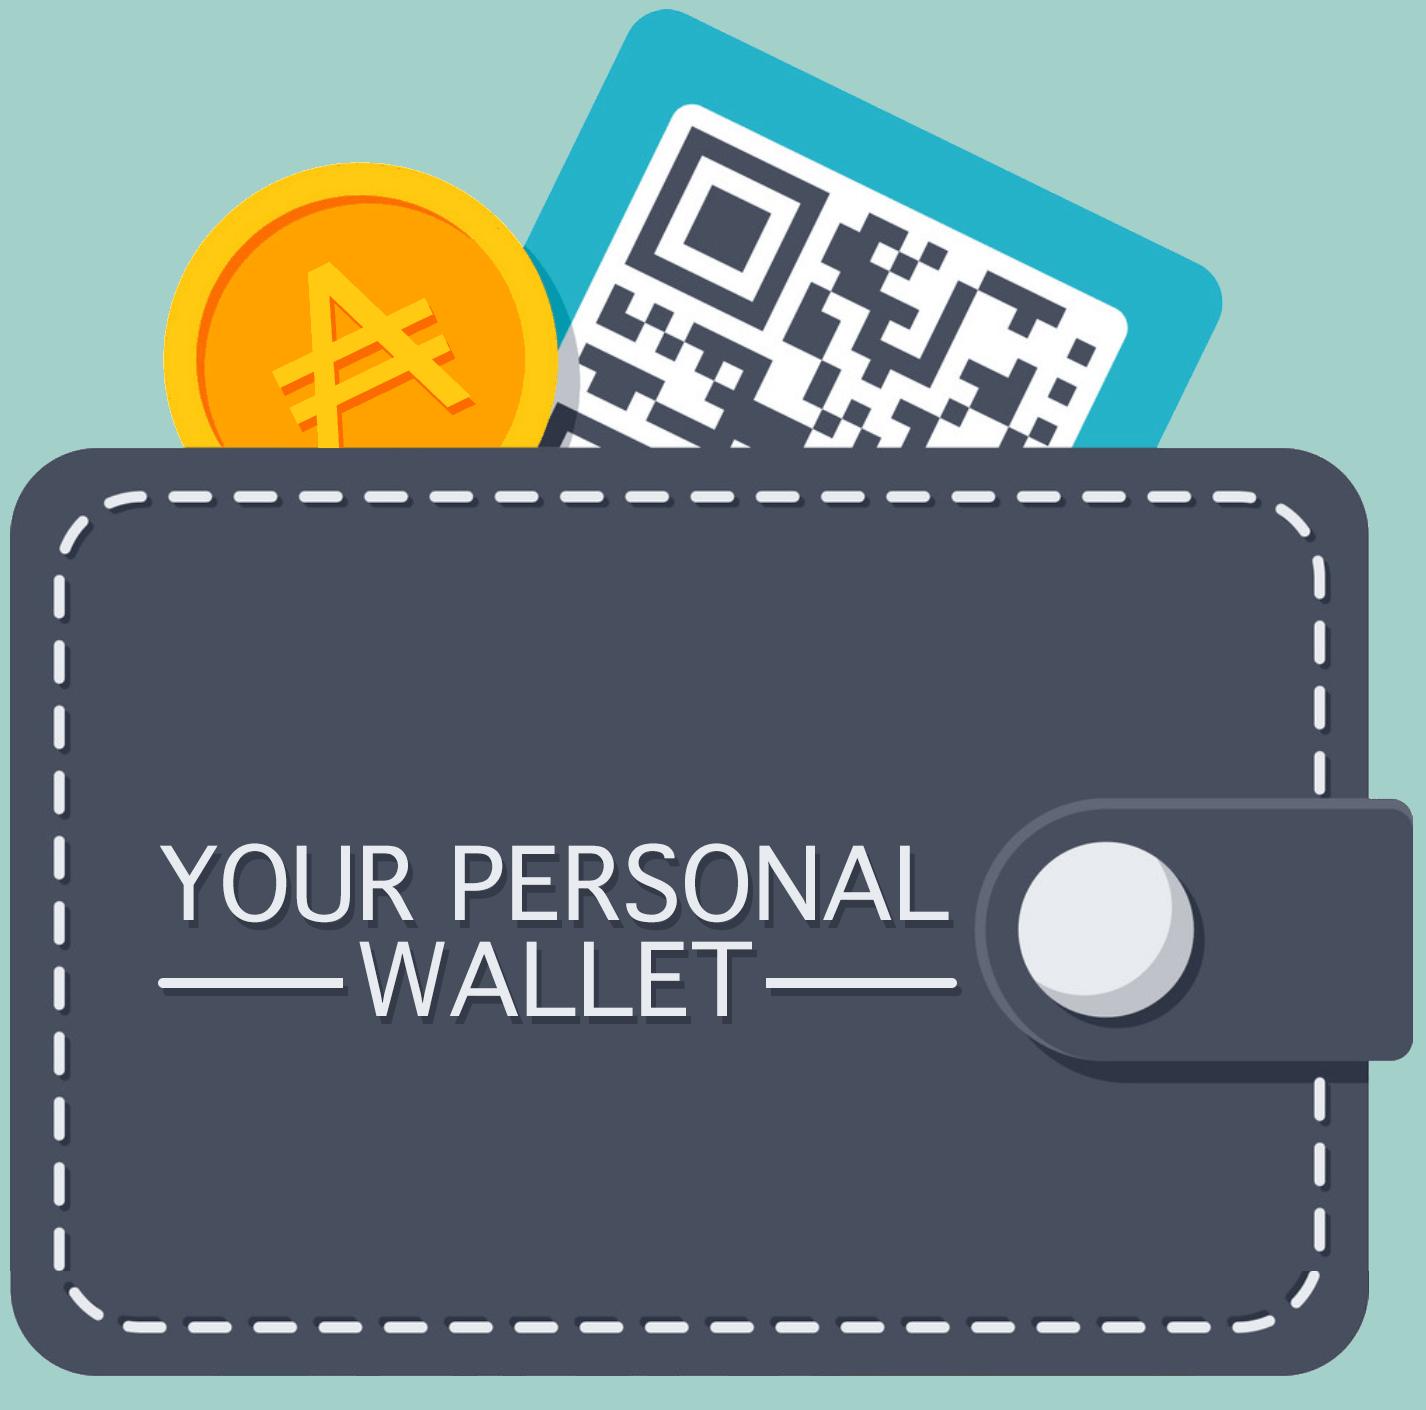 ADA wallet